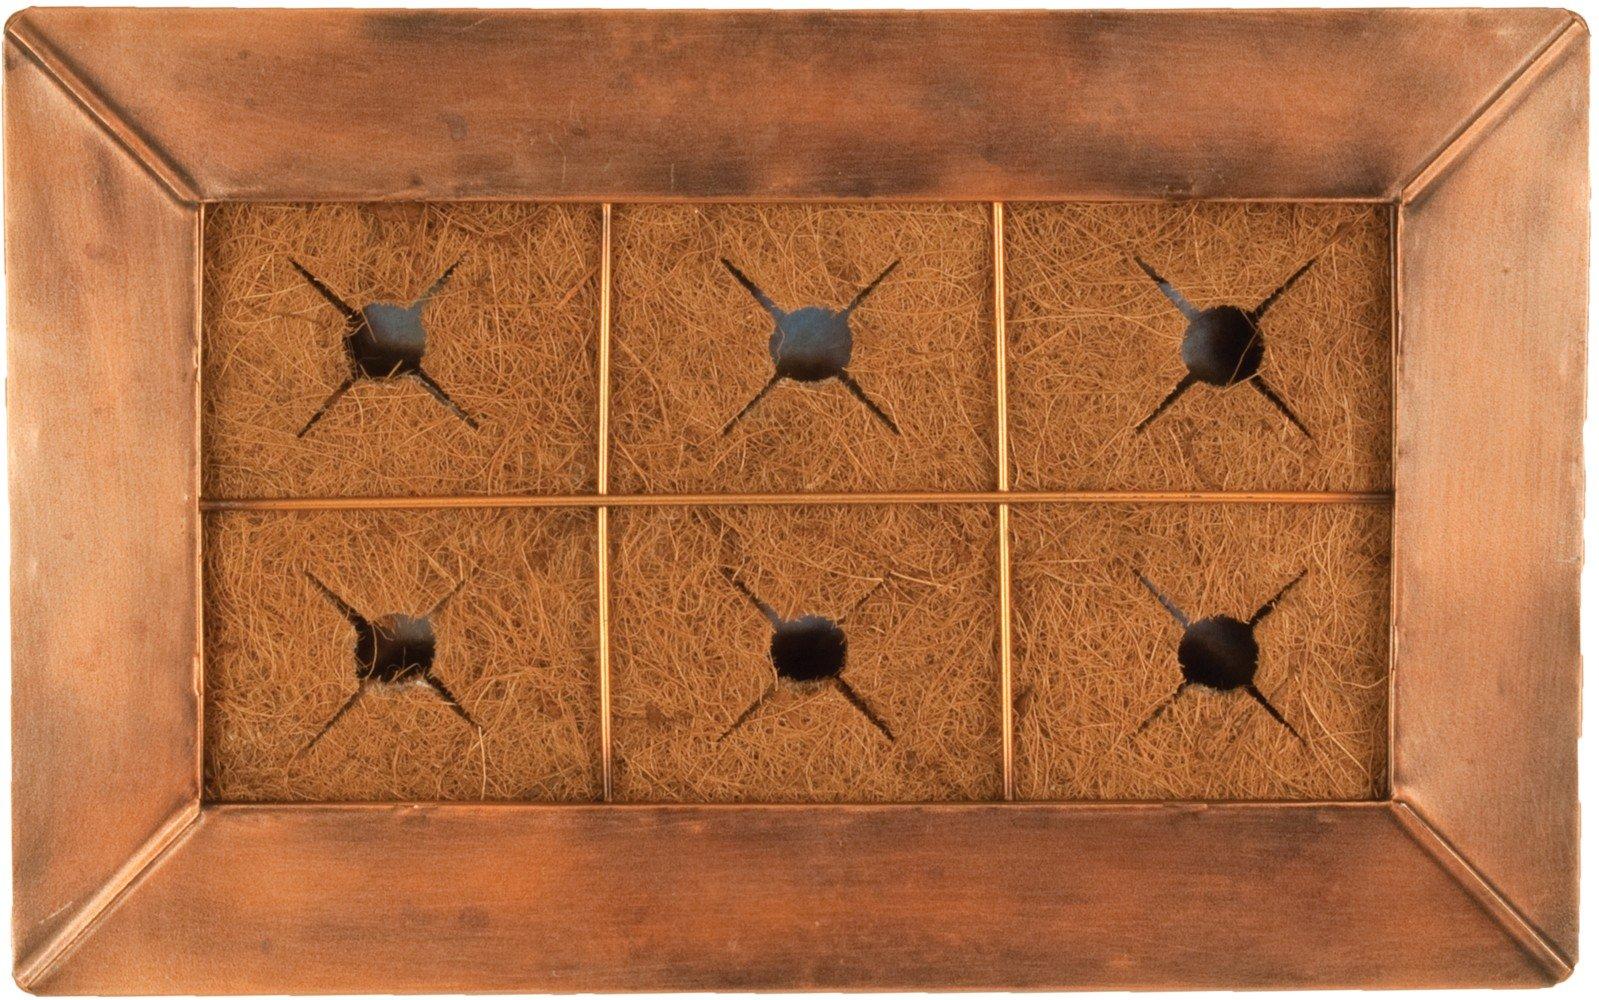 AquaSav 100533985 Small Vertical Wall Planter and Frame, White